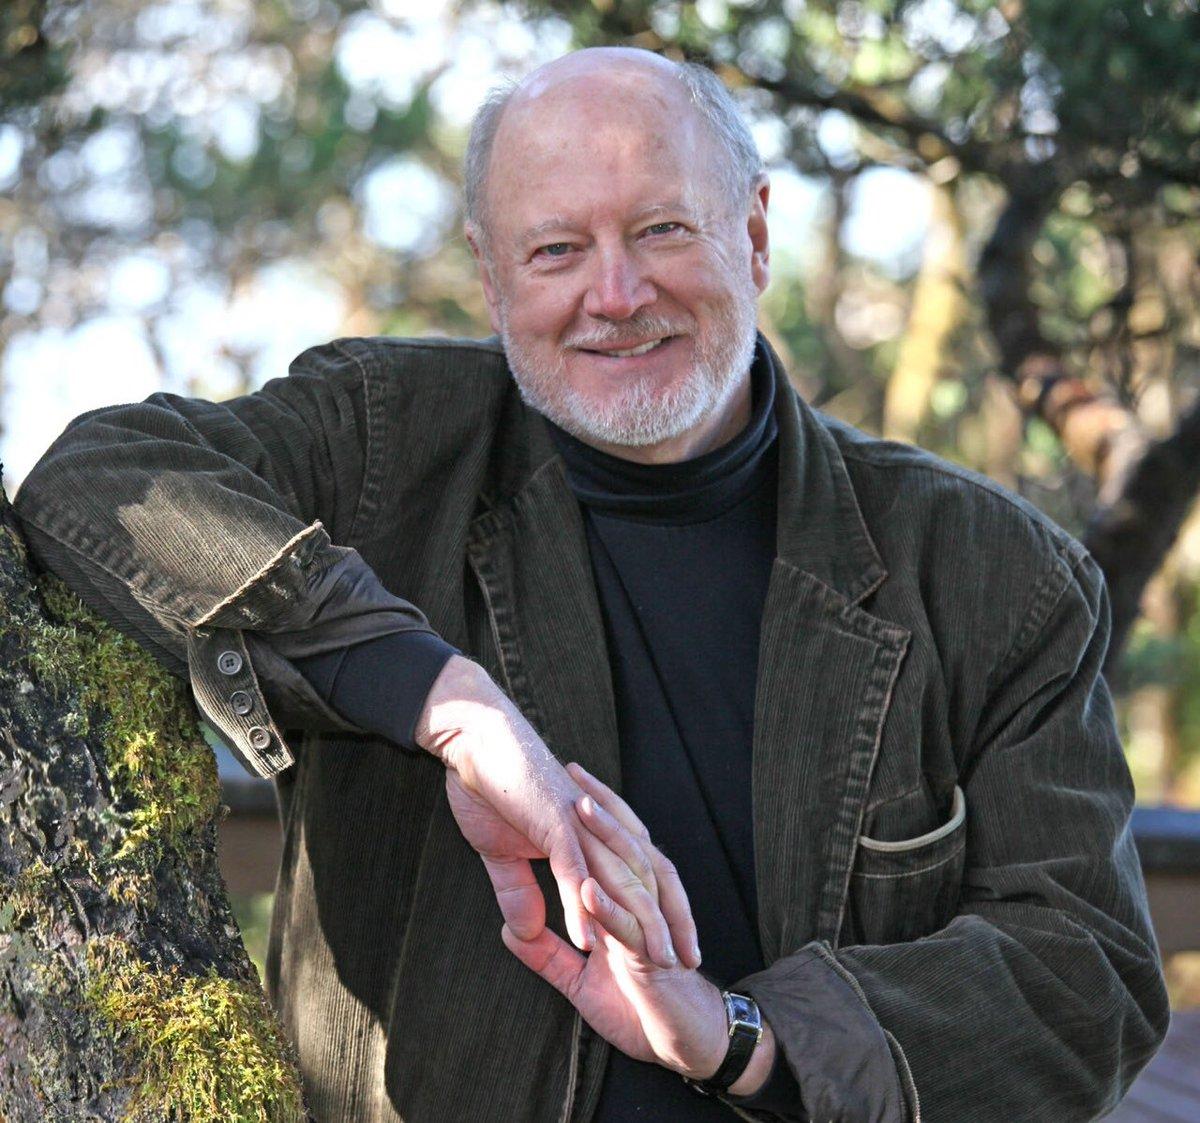 Cogsworth voice actor David Ogden Stiers dies at 75